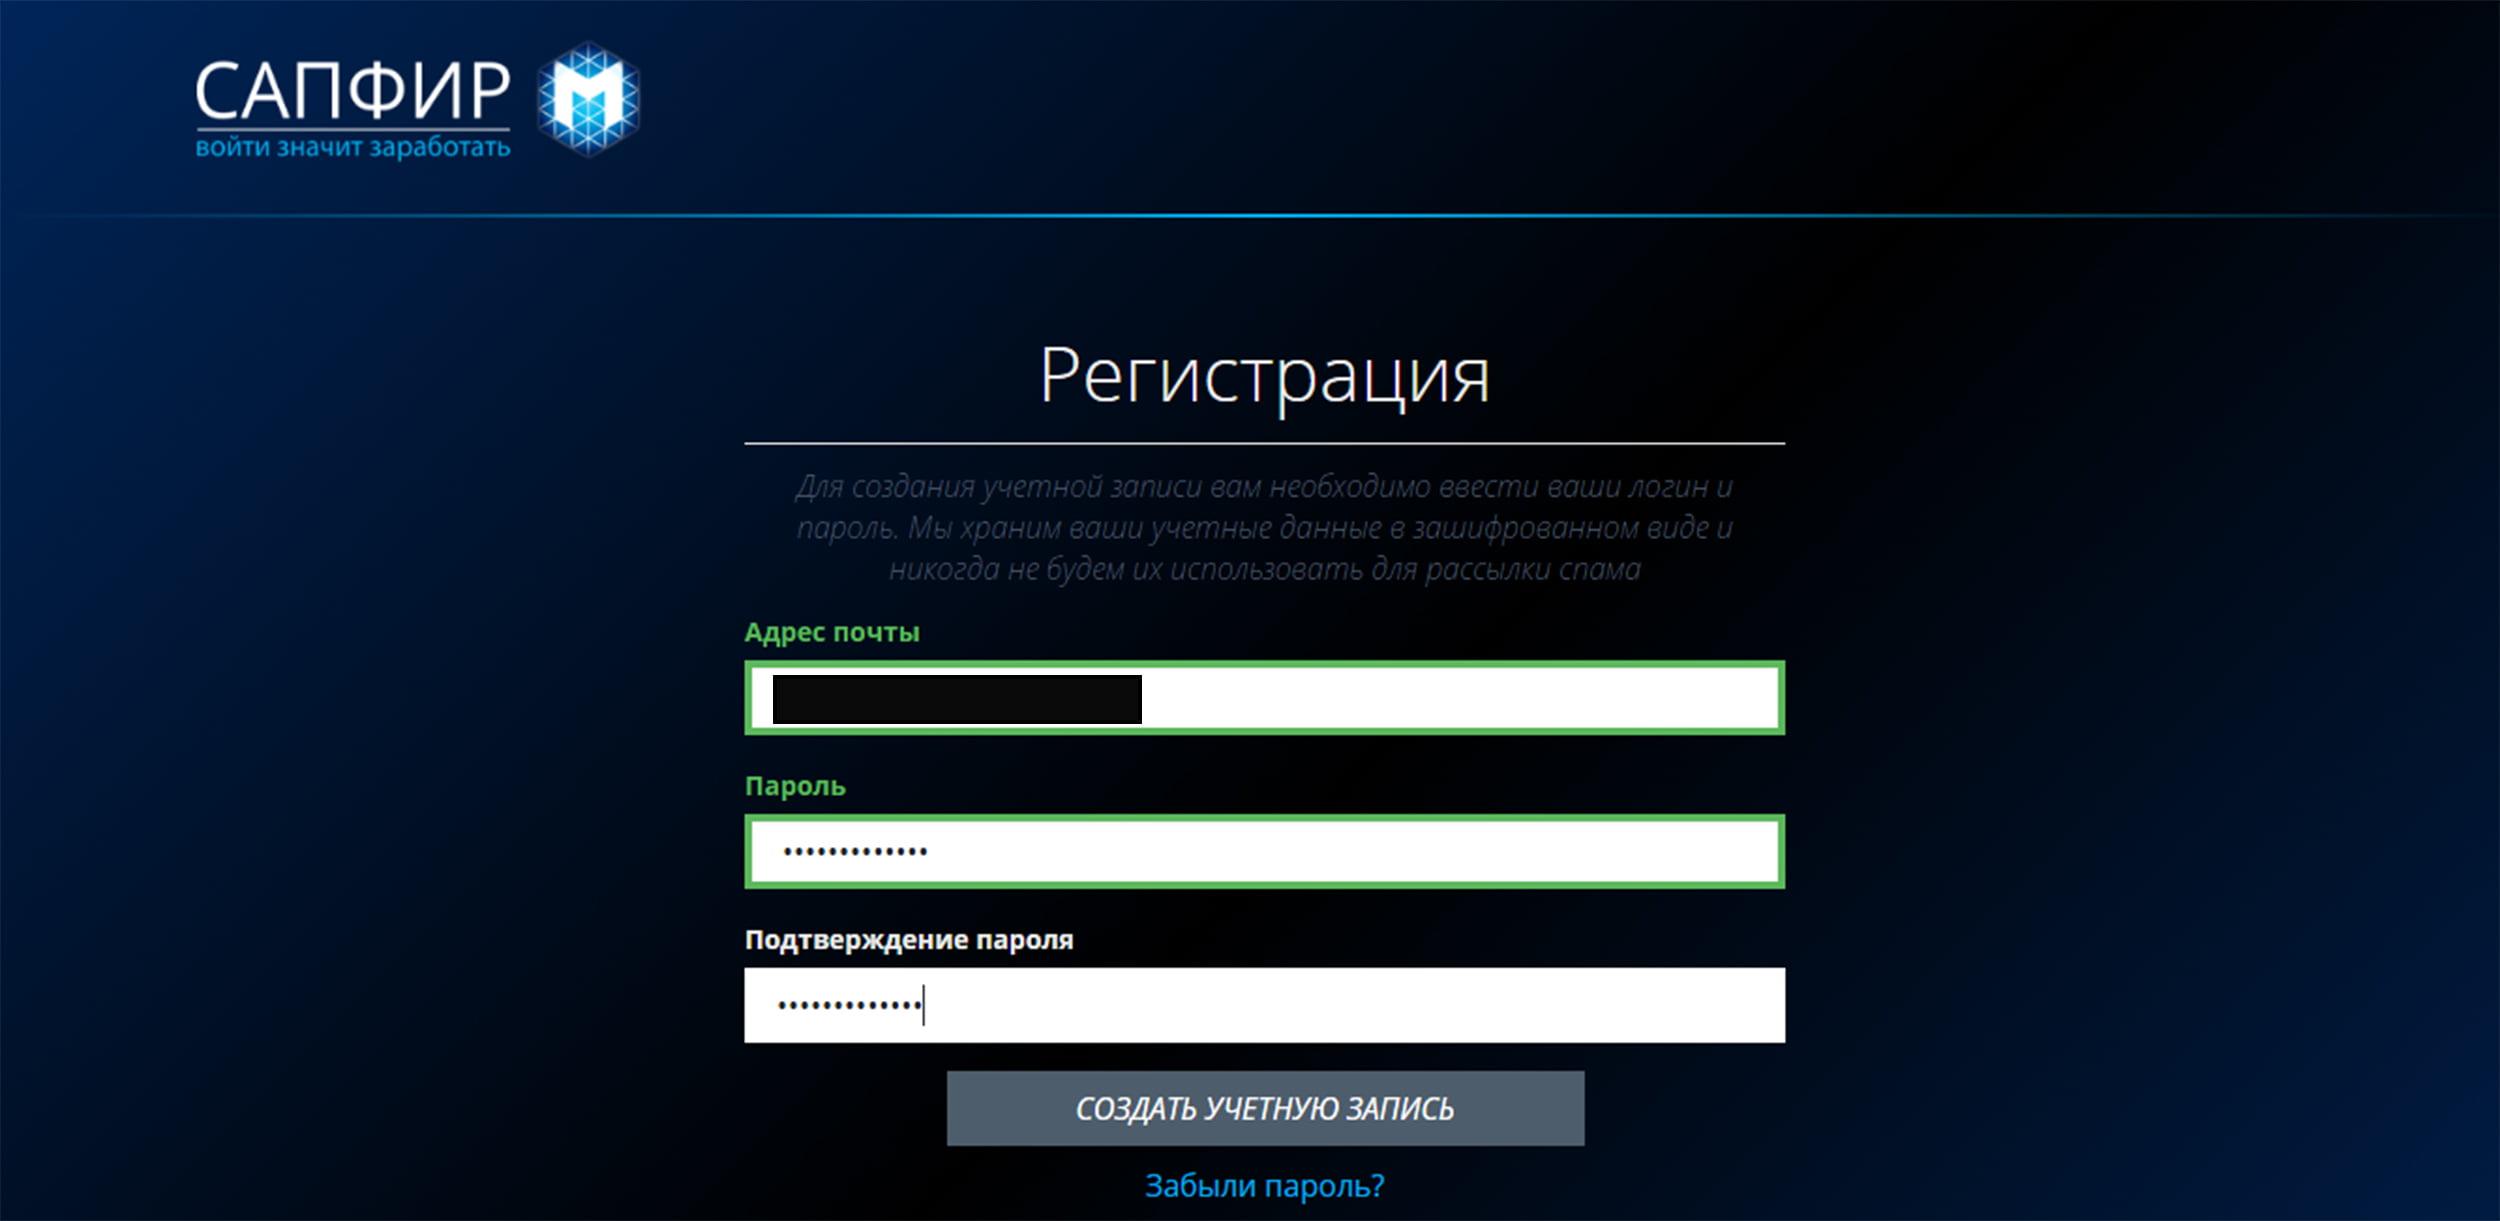 Регистрация в Сапфир М